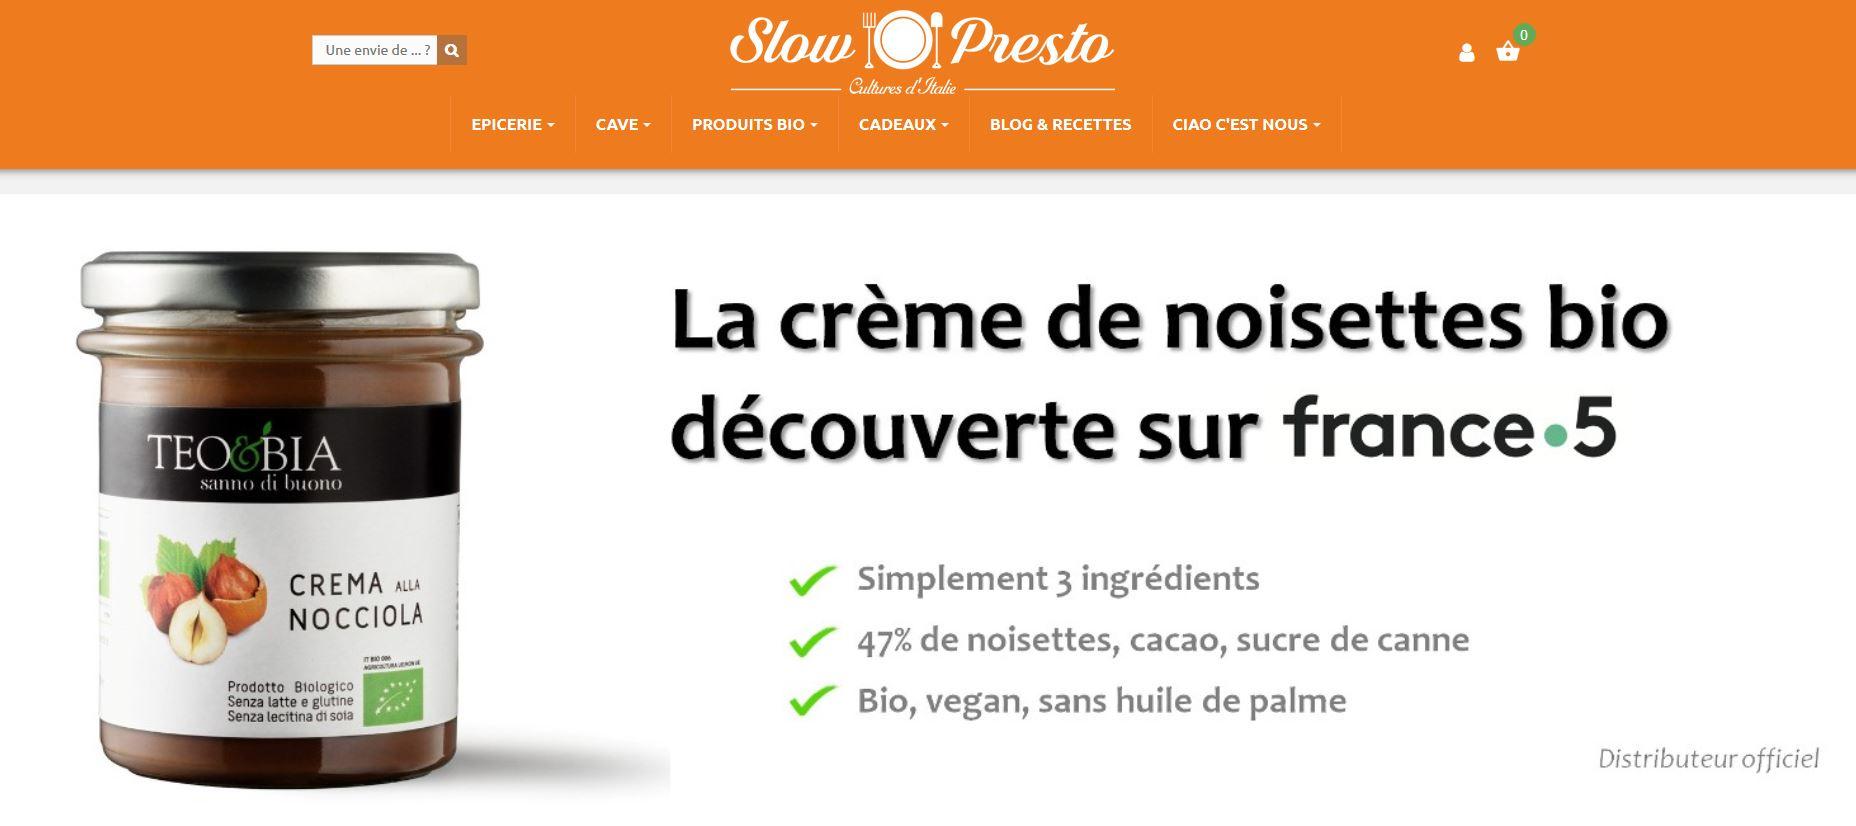 Connexion réussie pour Slow Presto entre sa gestion commerciale Sage et son site ecommerce PrestaShop